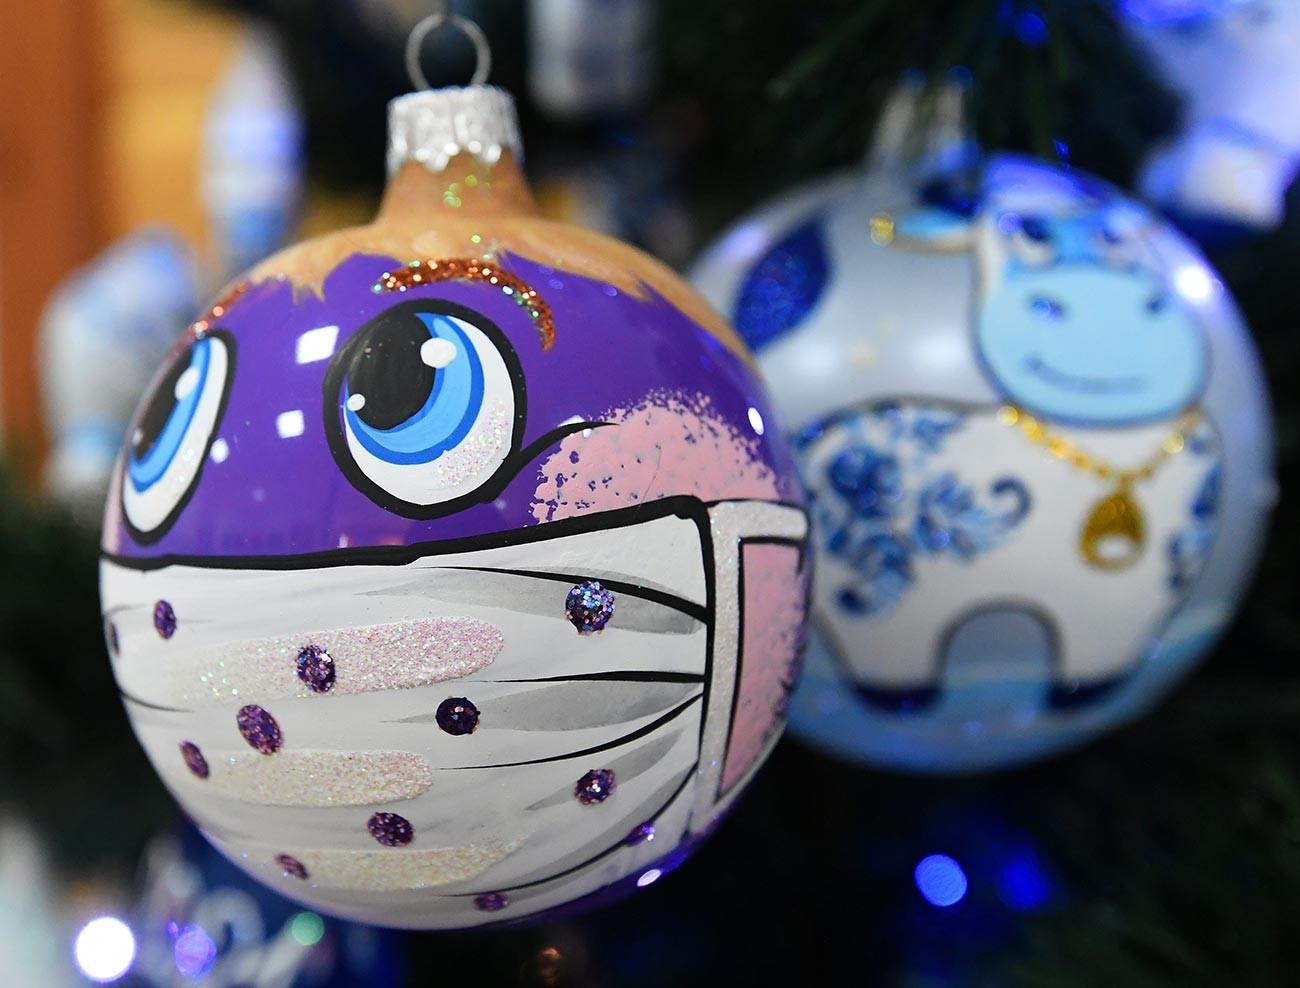 Стеклянные новогодние шары, расписанные вручную, на фабрике игрушек